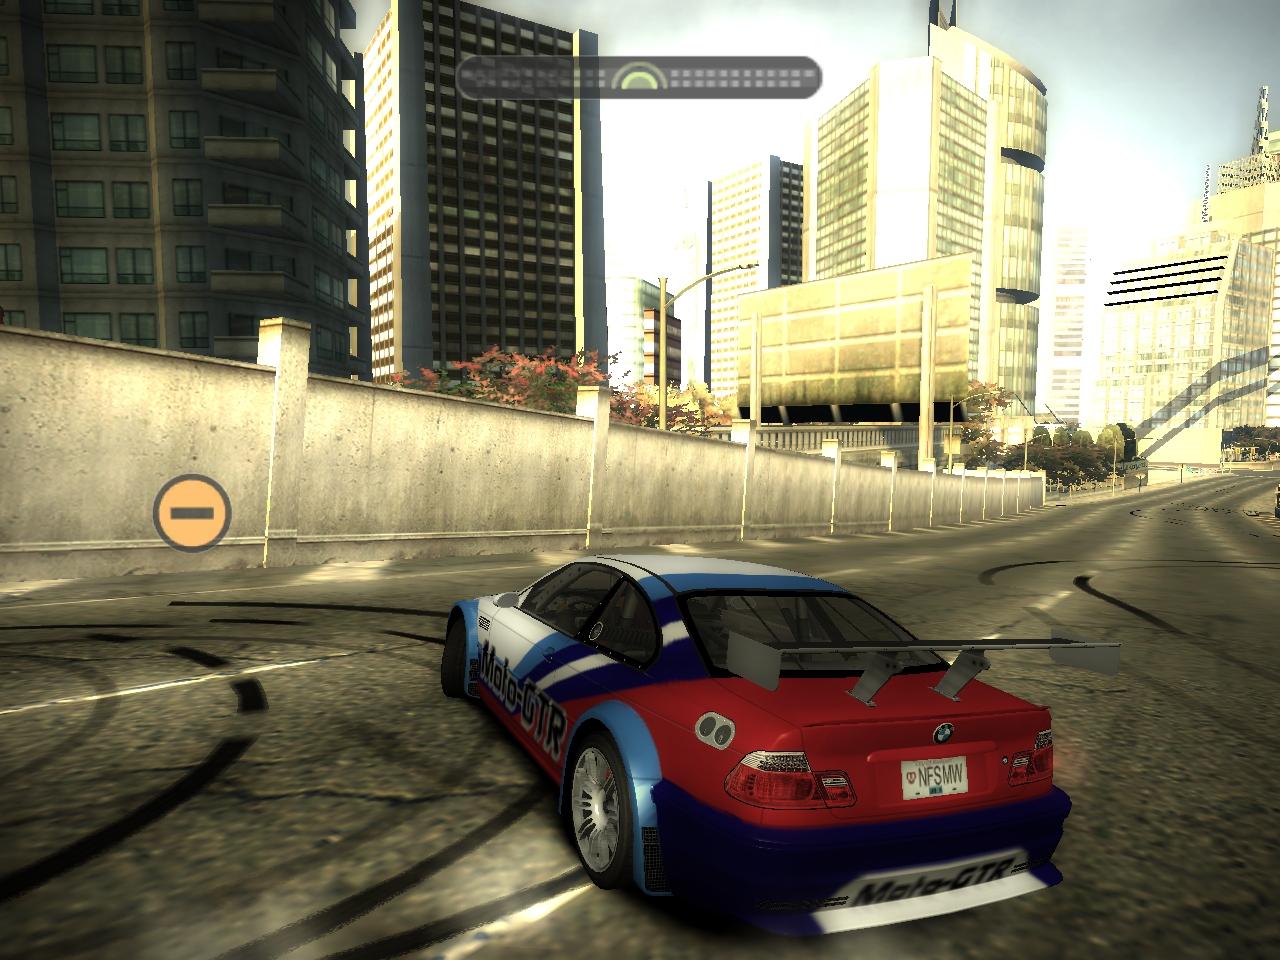 Down Games Car